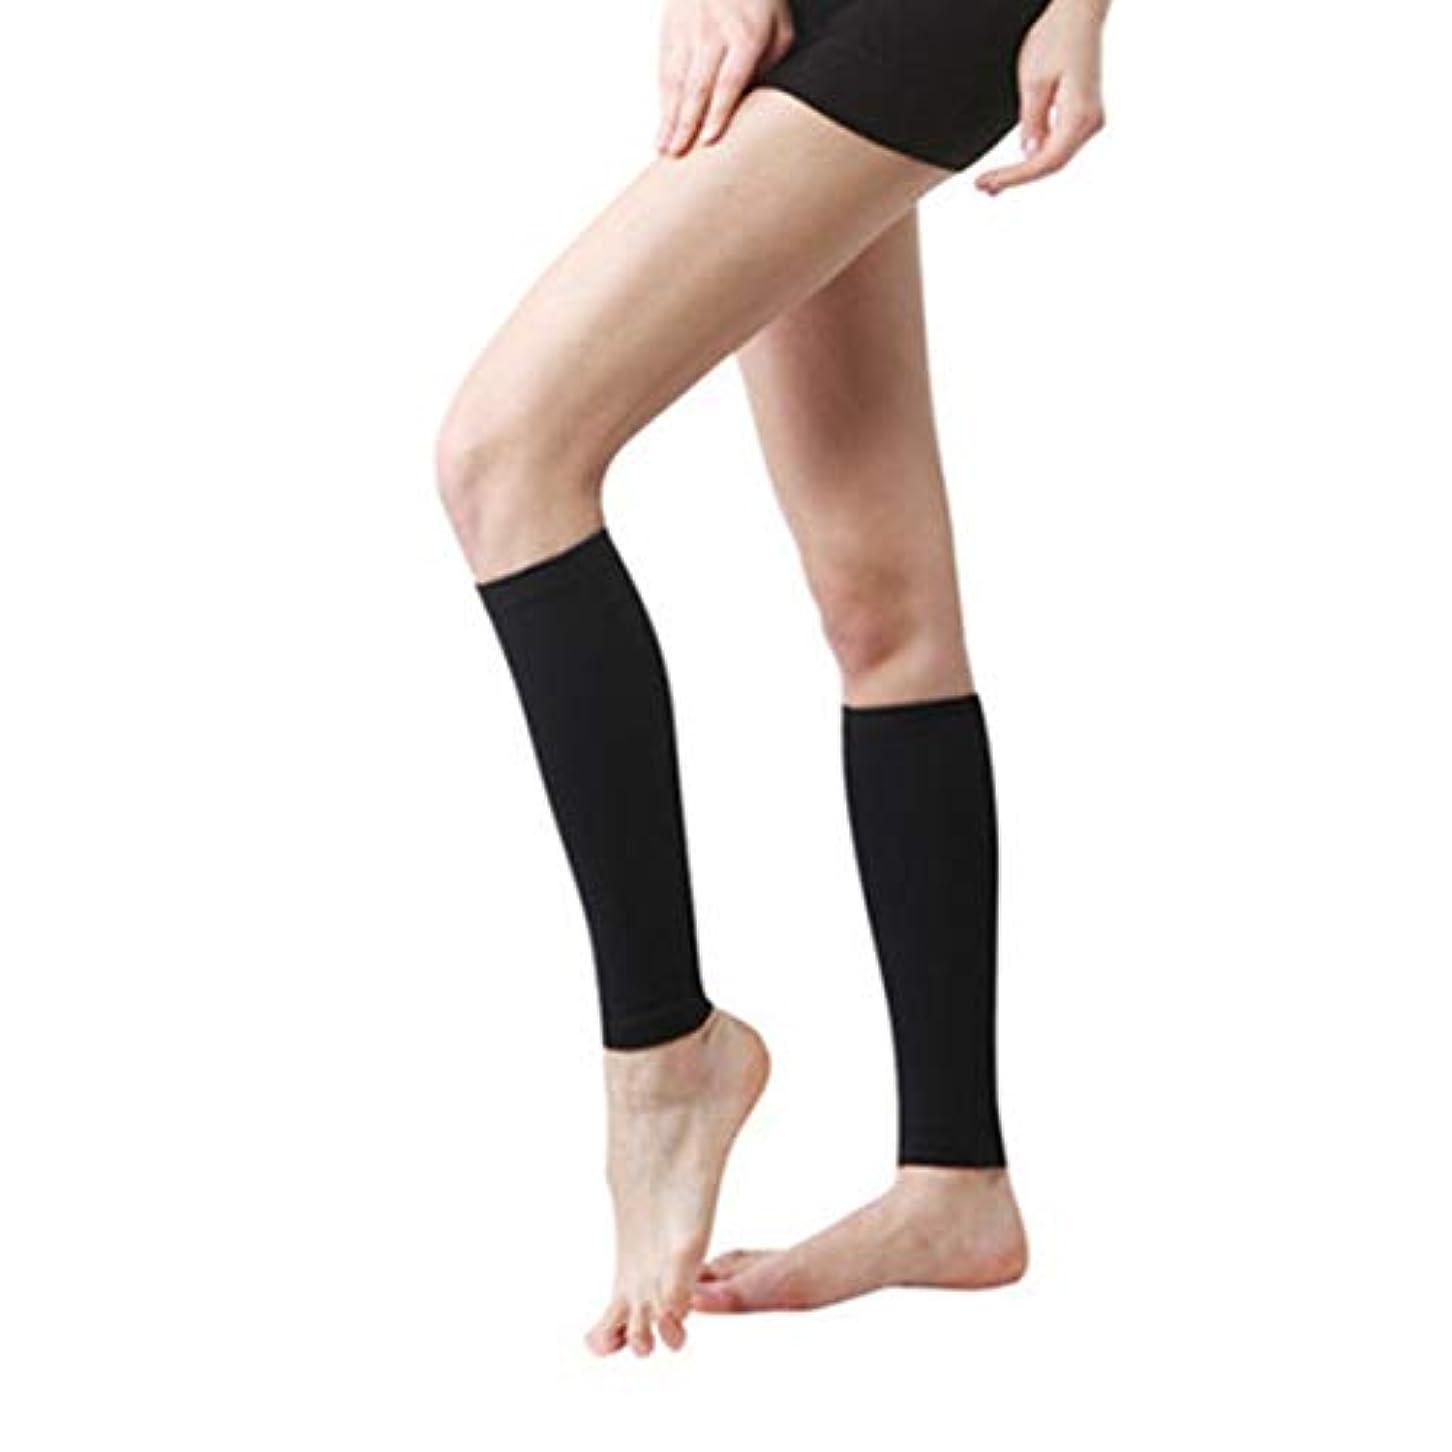 不潔シンボル仮定、想定。推測丈夫な男性女性プロの圧縮靴下通気性のある旅行活動看護師用シンススプリントフライトトラベル - ブラック